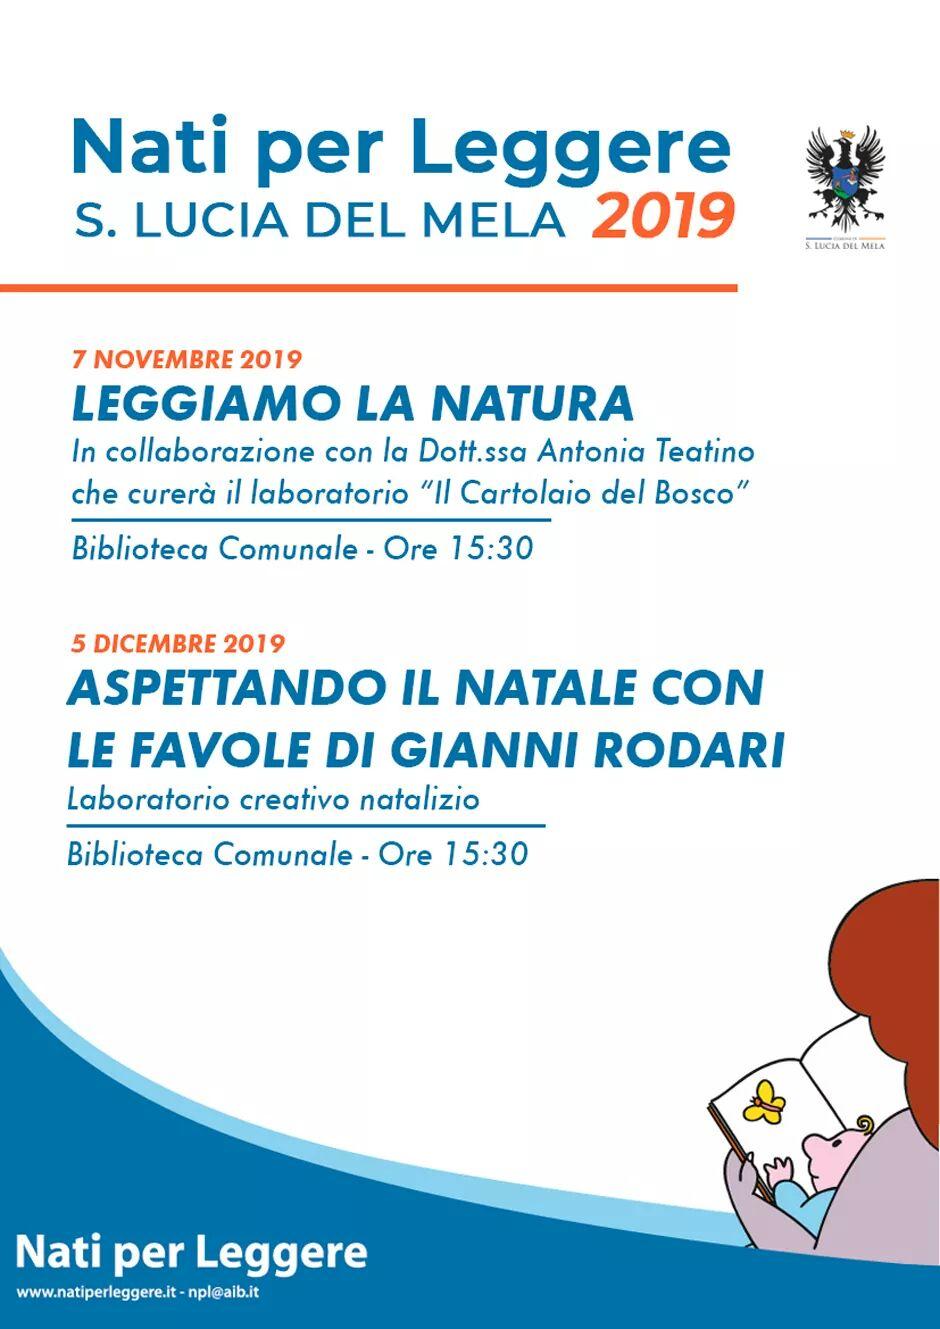 S. Lucia Mela. Adesione a 'Nati per leggere', due appuntamenti: 7 novembre e 5 dicembre 2019